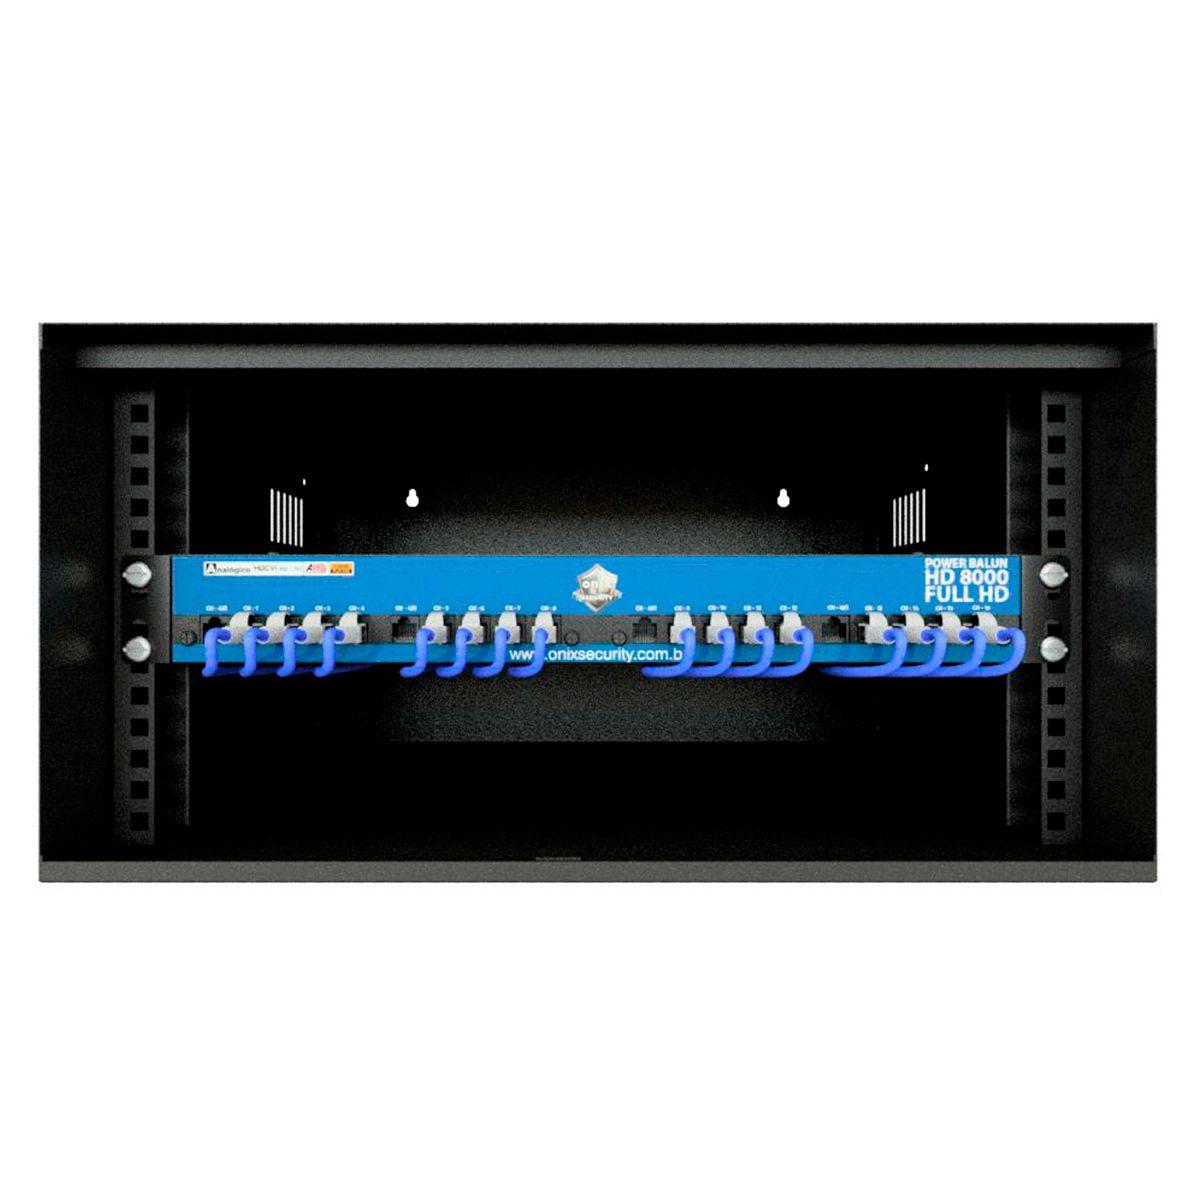 """Kit Rack 5U + Power Balun 16Ch HD 8000 Onix Security Até 5Mp Leva Sinal de Video e Alimentação Através Único Cabo e Fonte Inclusa, Horizontal 19""""  - Tudo Forte"""